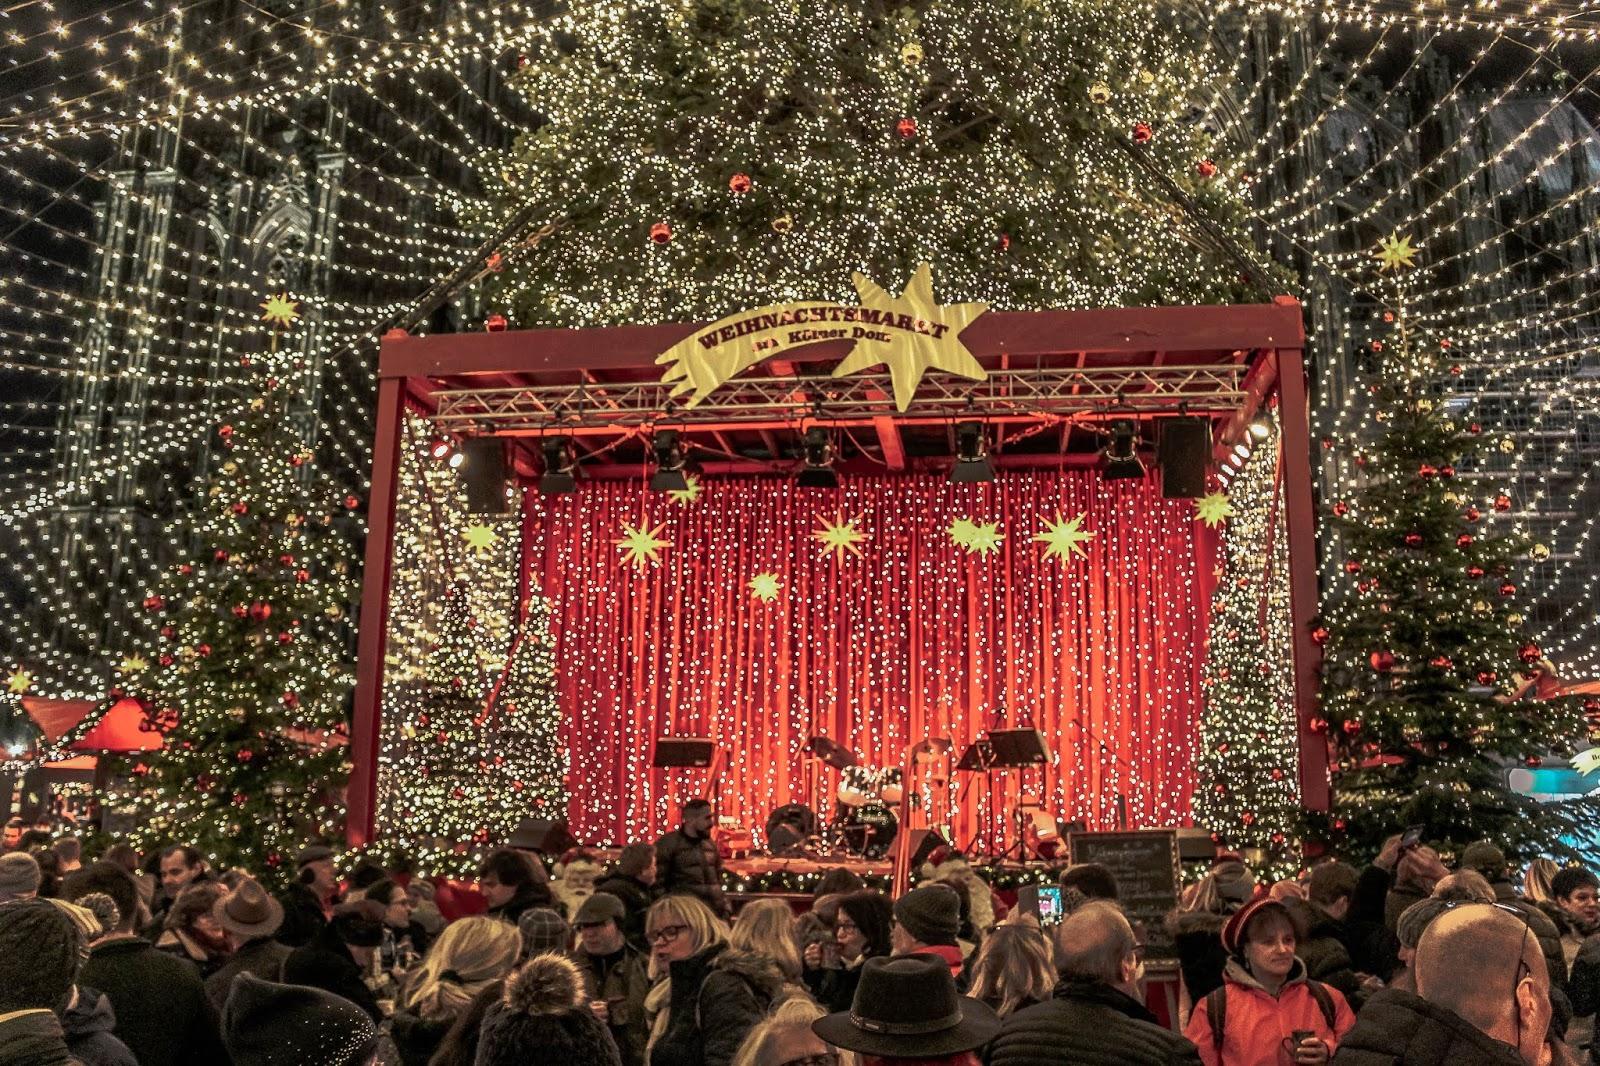 Weihnachtsmarkt Kölner Dom Centre Stage